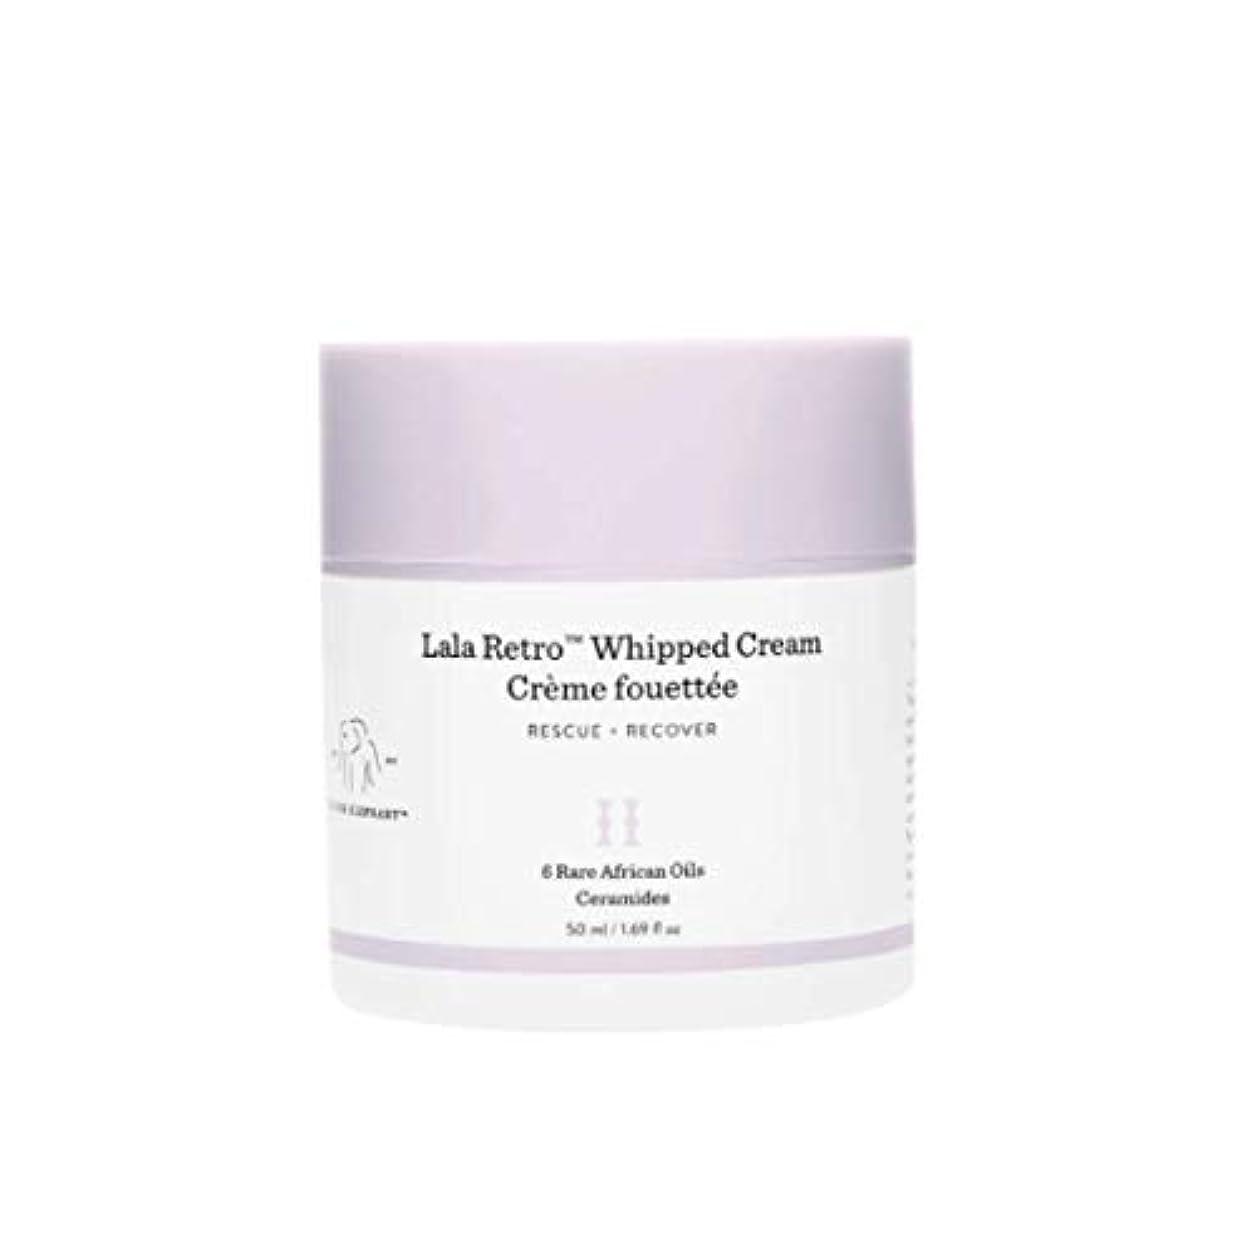 ぼんやりした医薬品サイレントDRUNK ELEPHANT Lala Retro Whipped Cream 1.69 oz/ 50 ml ドランクエレファント ララレトロ ホイップドクリーム 1.69 oz/ 50 ml